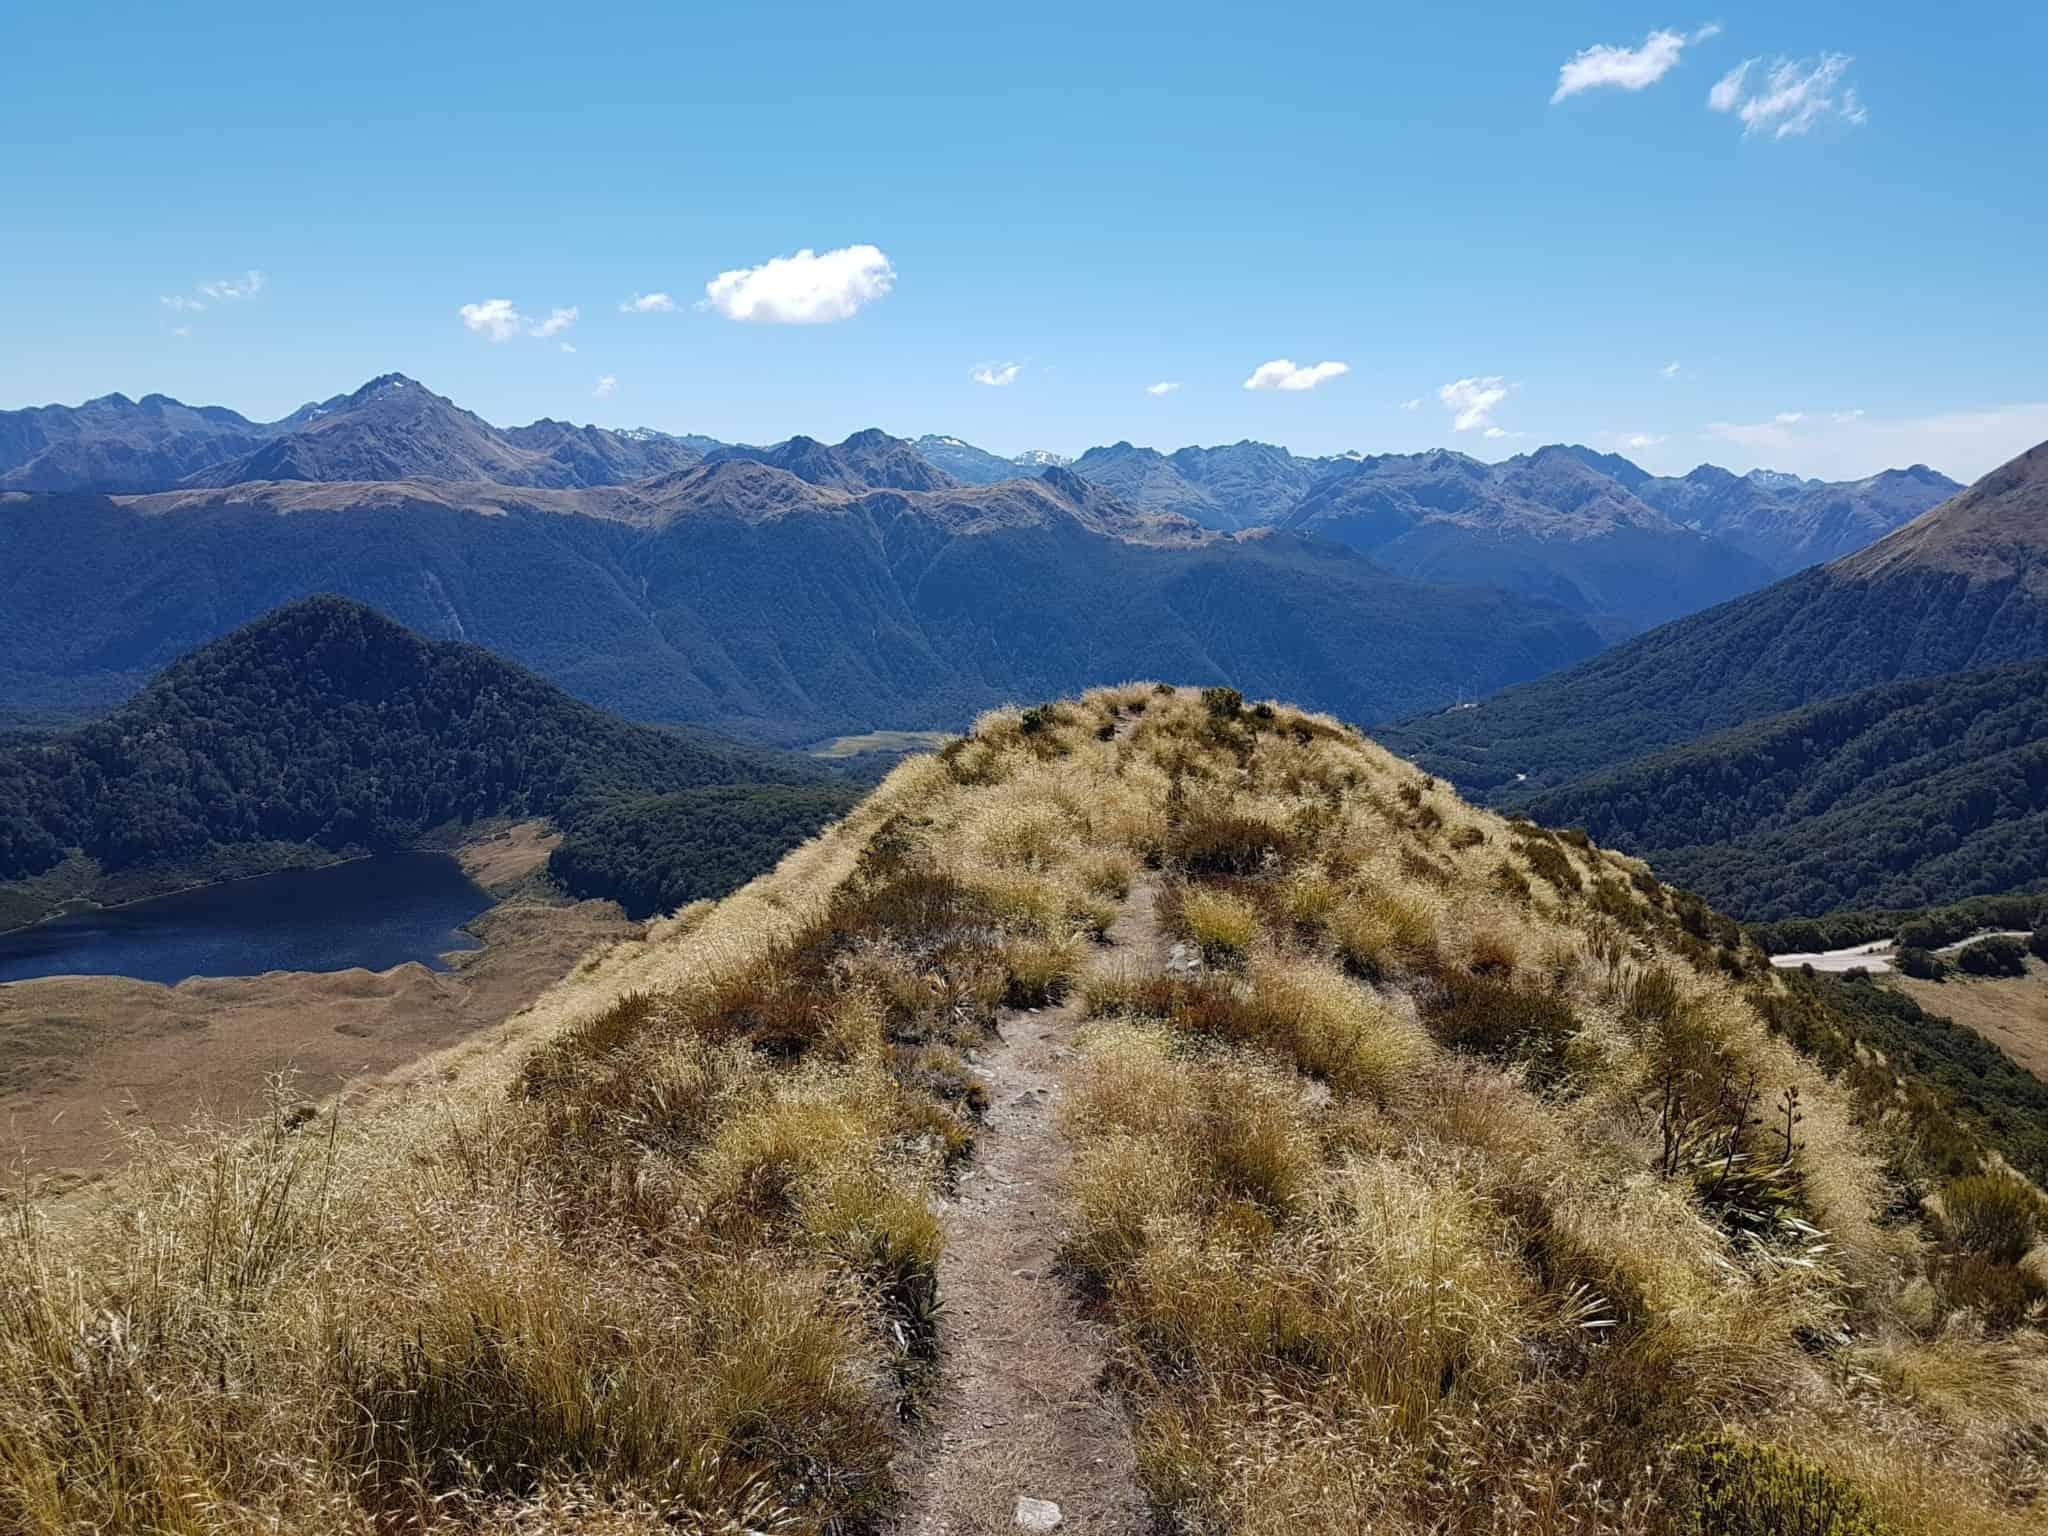 Nouvelle-Zélande, la Mount Burns Tarns Track une rando hors des sentiers battus 👟 9